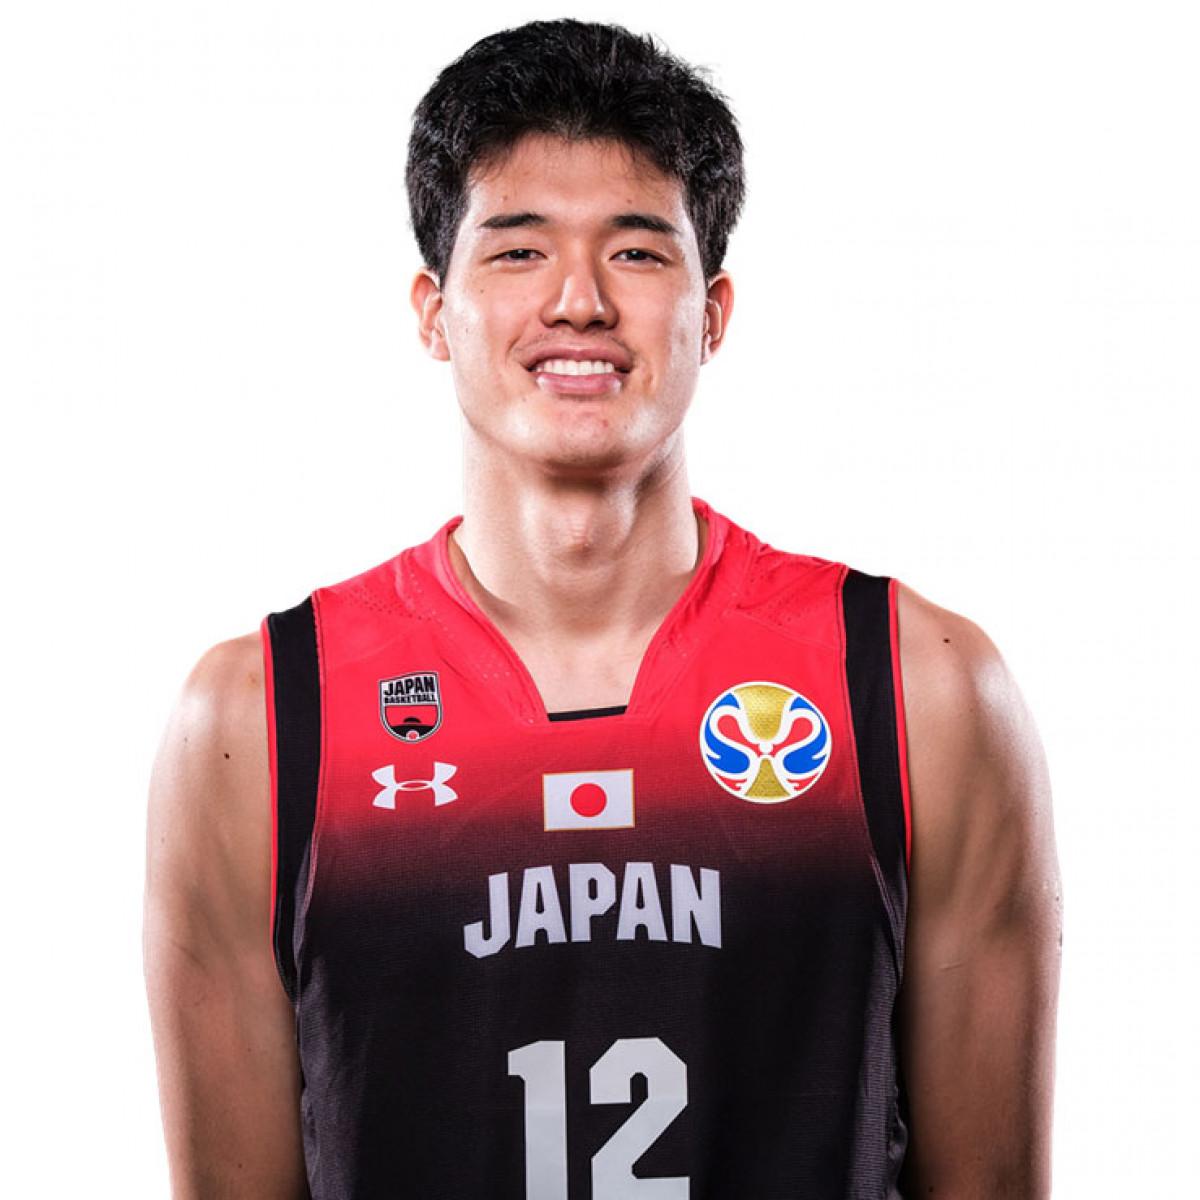 Photo of Yuta Watanabe, 2019-2020 season